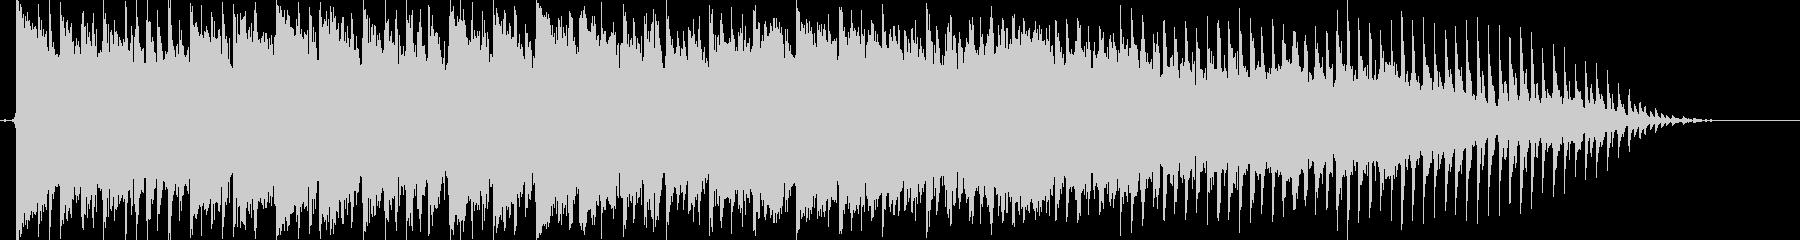 ビンテージ。エレクトロニカ。 80...の未再生の波形